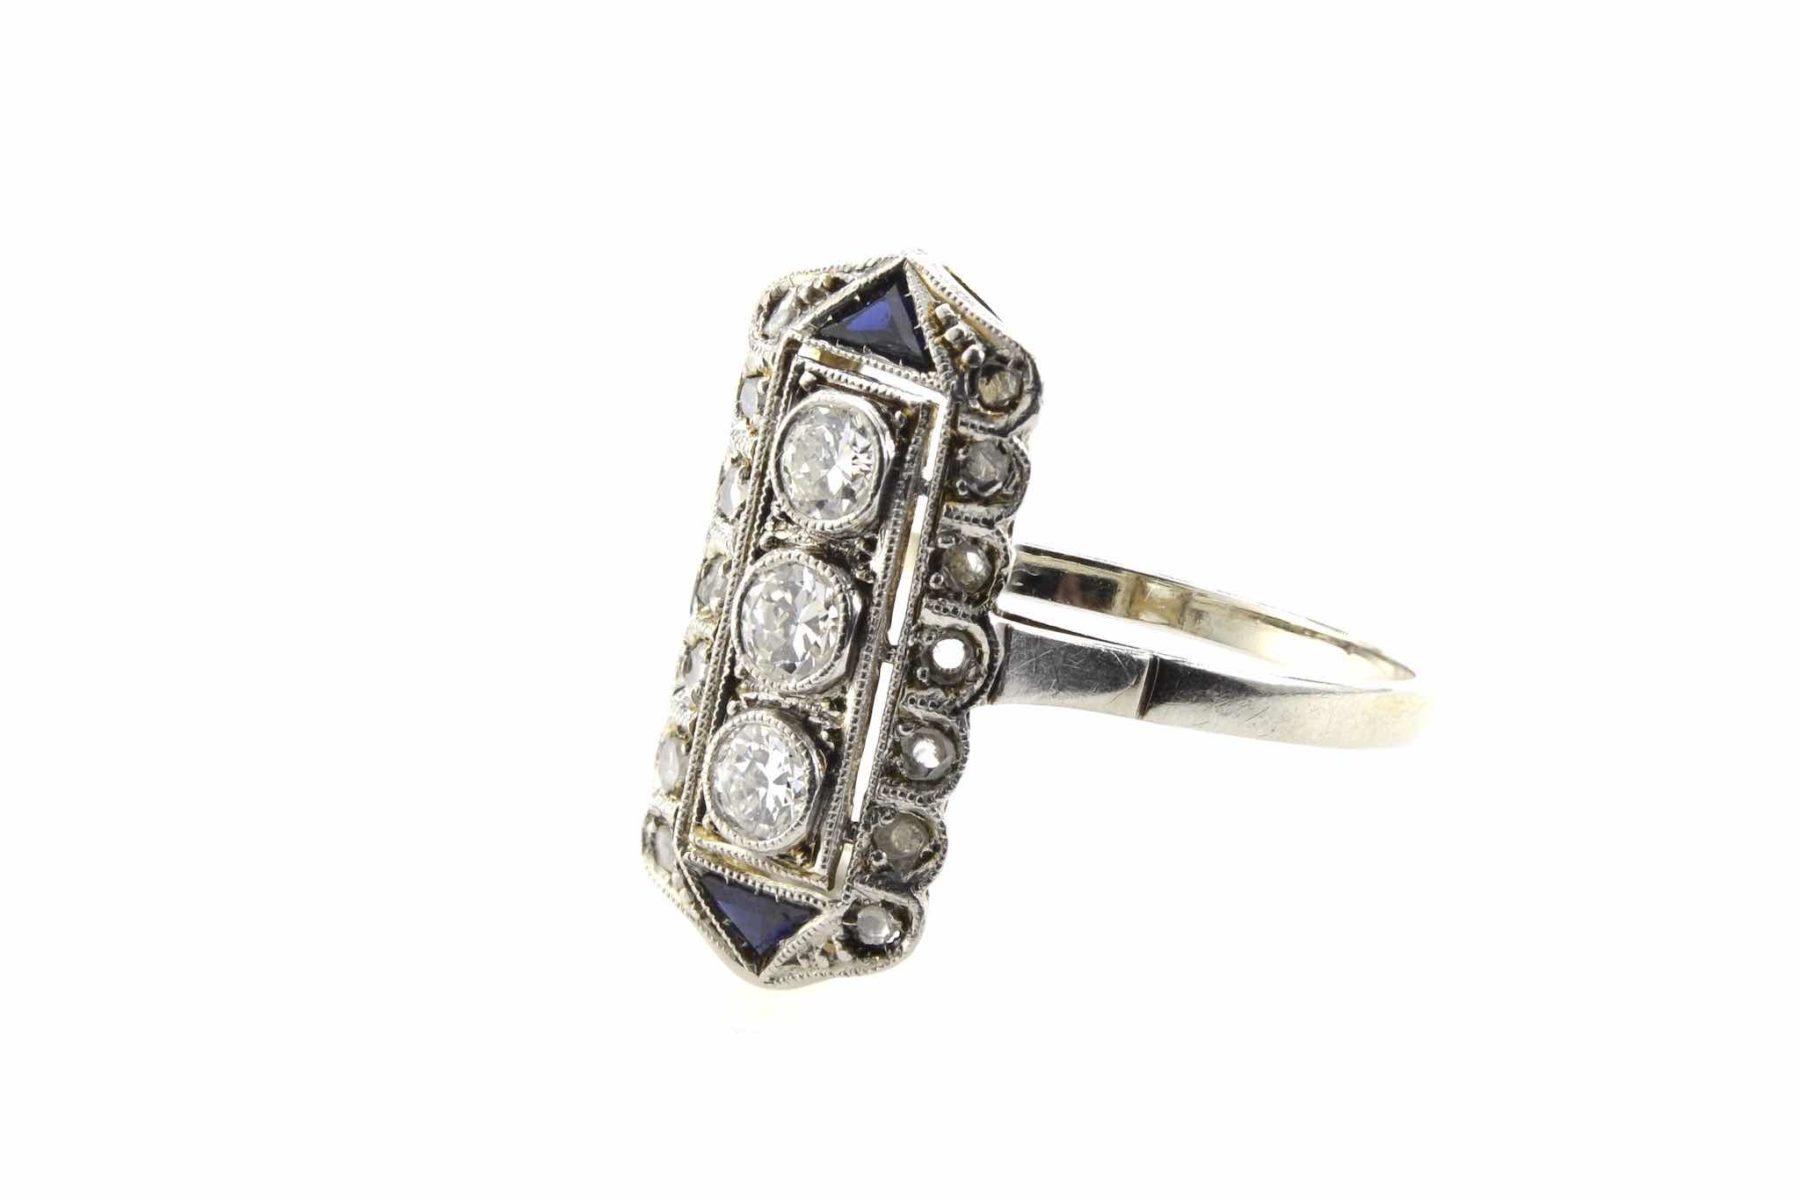 bague Art Déco 1920 diamants en platine